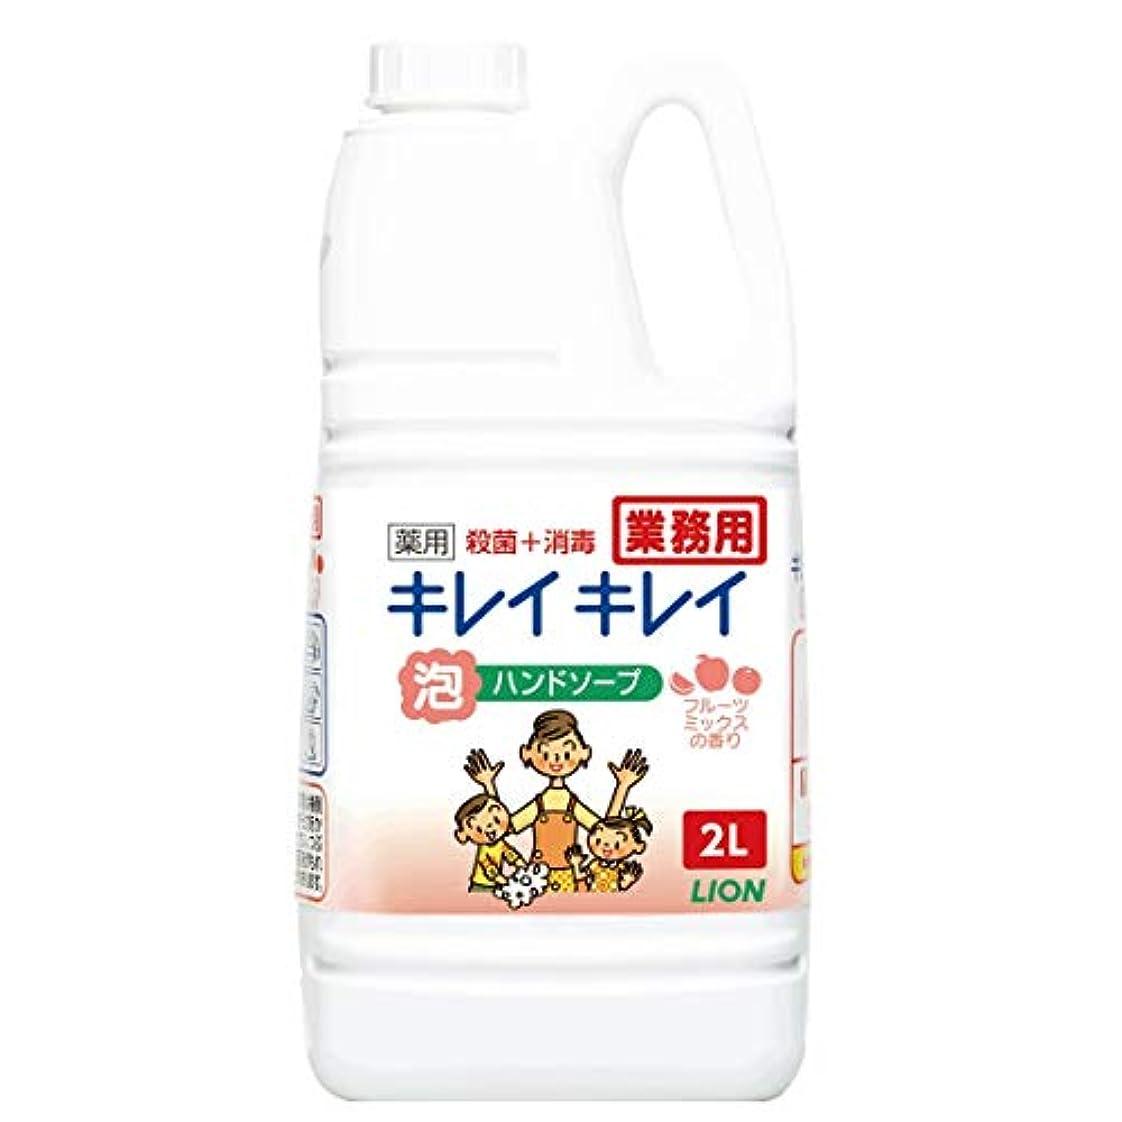 効果専らインシュレータ【大容量】キレイキレイ 薬用泡ハンドソープ フルーツミックスの香り 2L